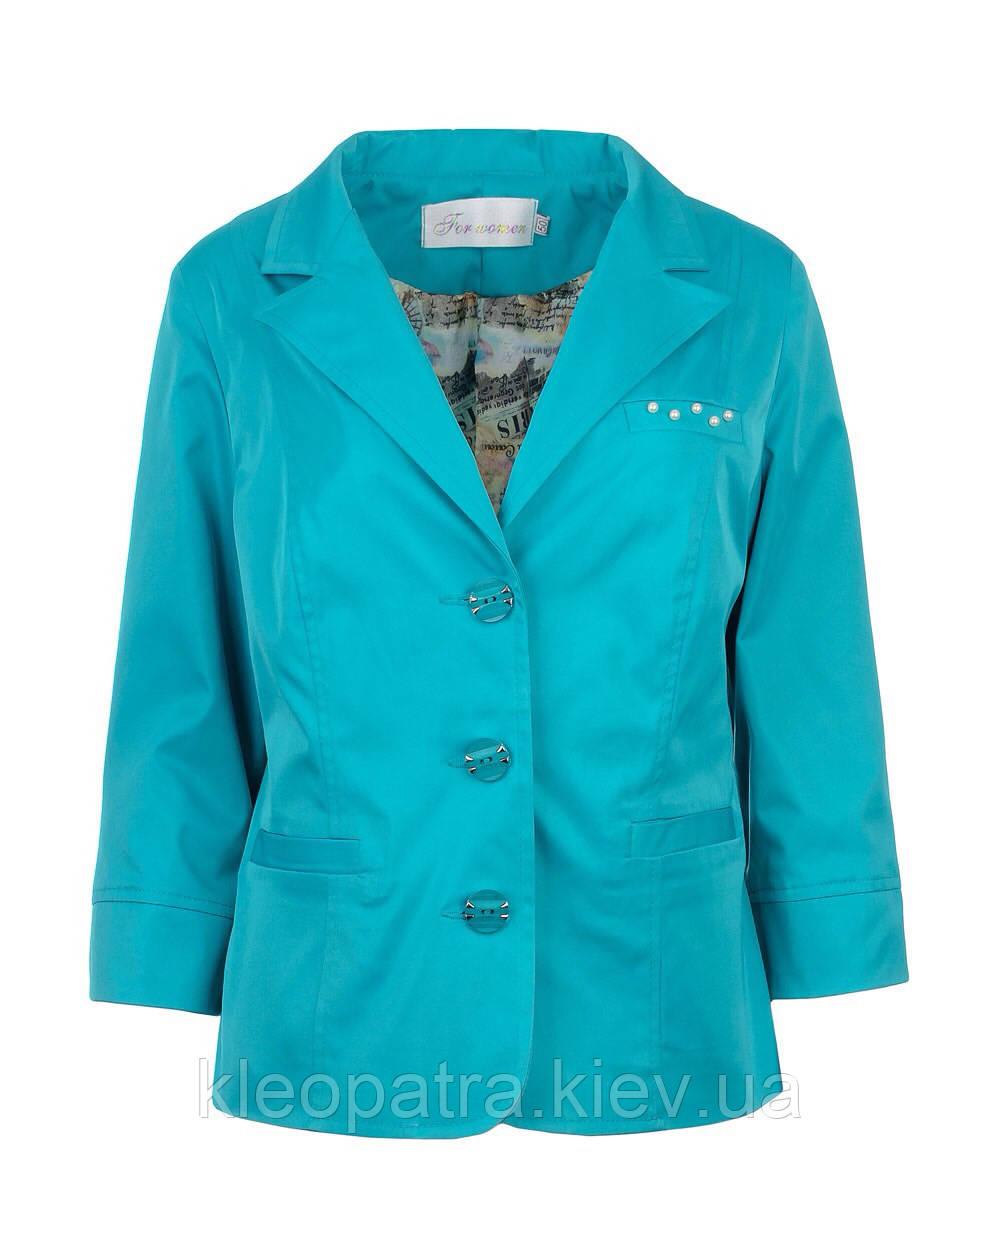 Женский пиджак больших размеров Жемчуг